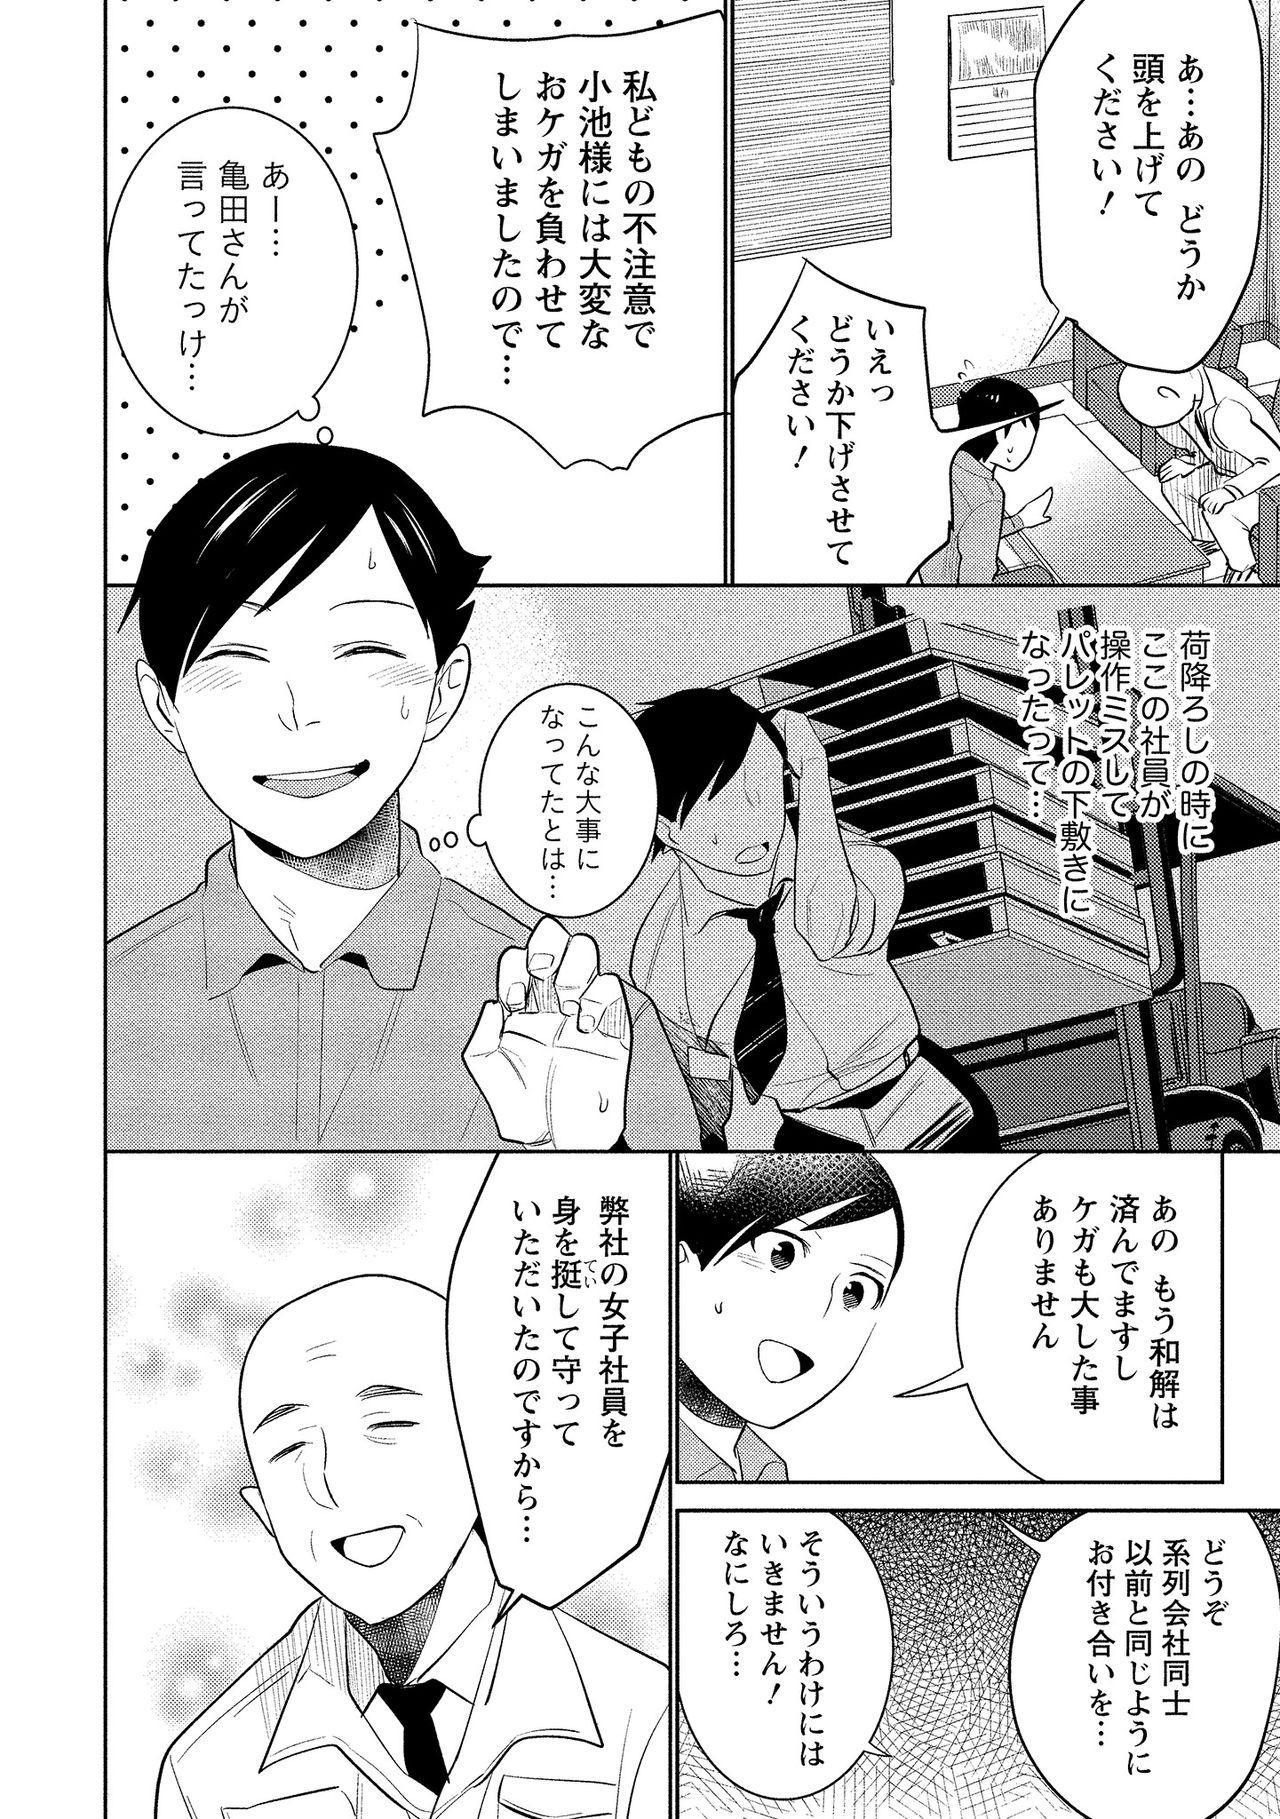 Dorobou Neko wa Kanojo no Hajimari 44